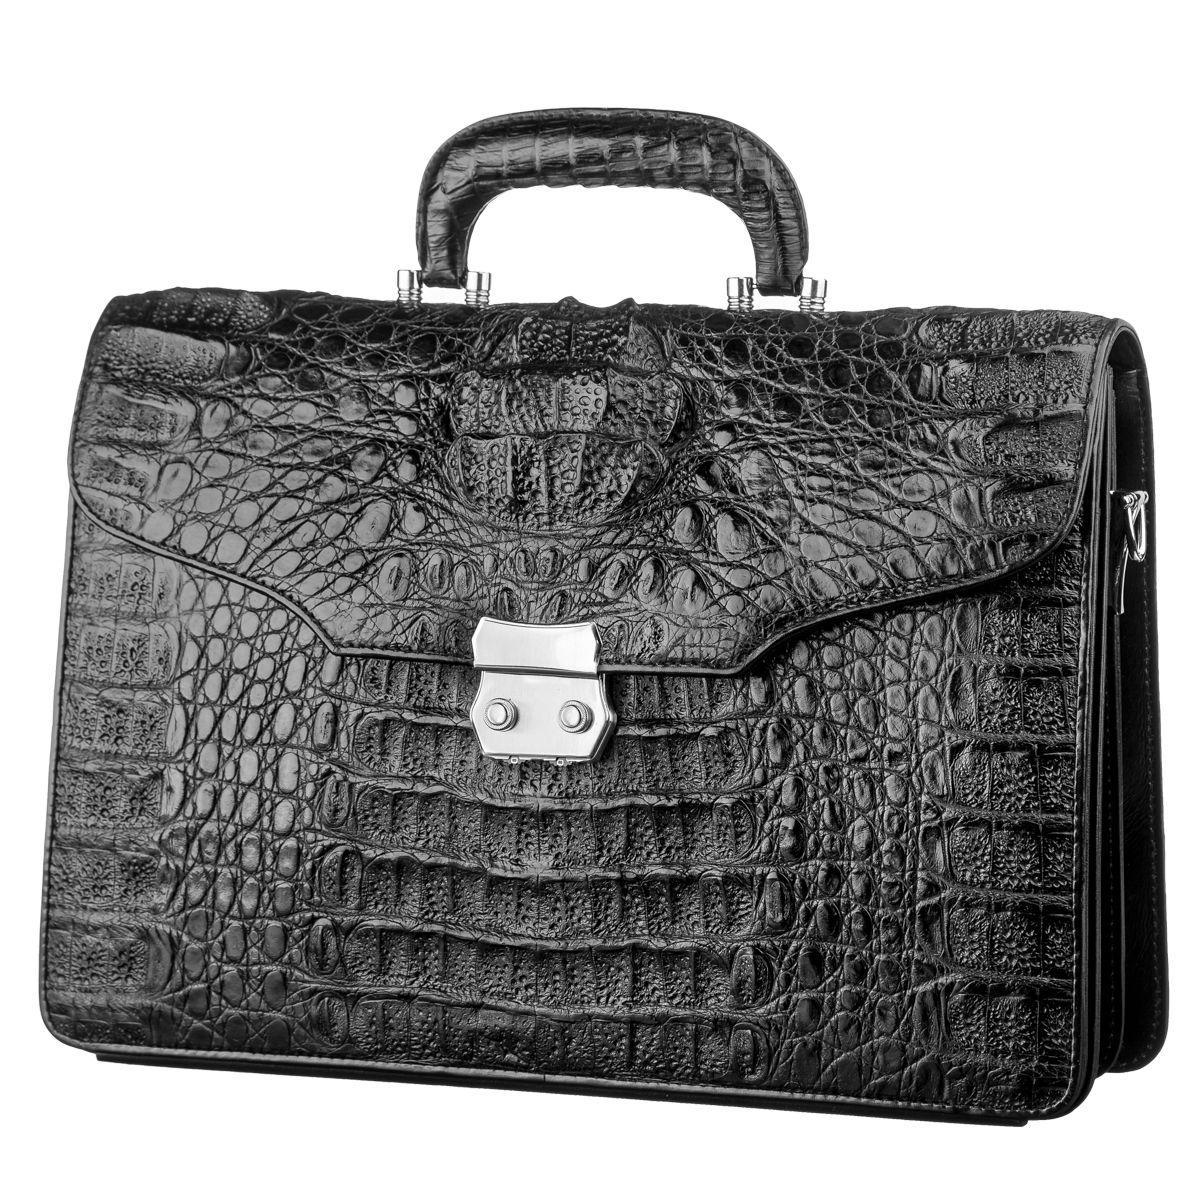 Портфель CROCODILE LEATHER 18048 из натуральной кожи крокодила Черный, Черный